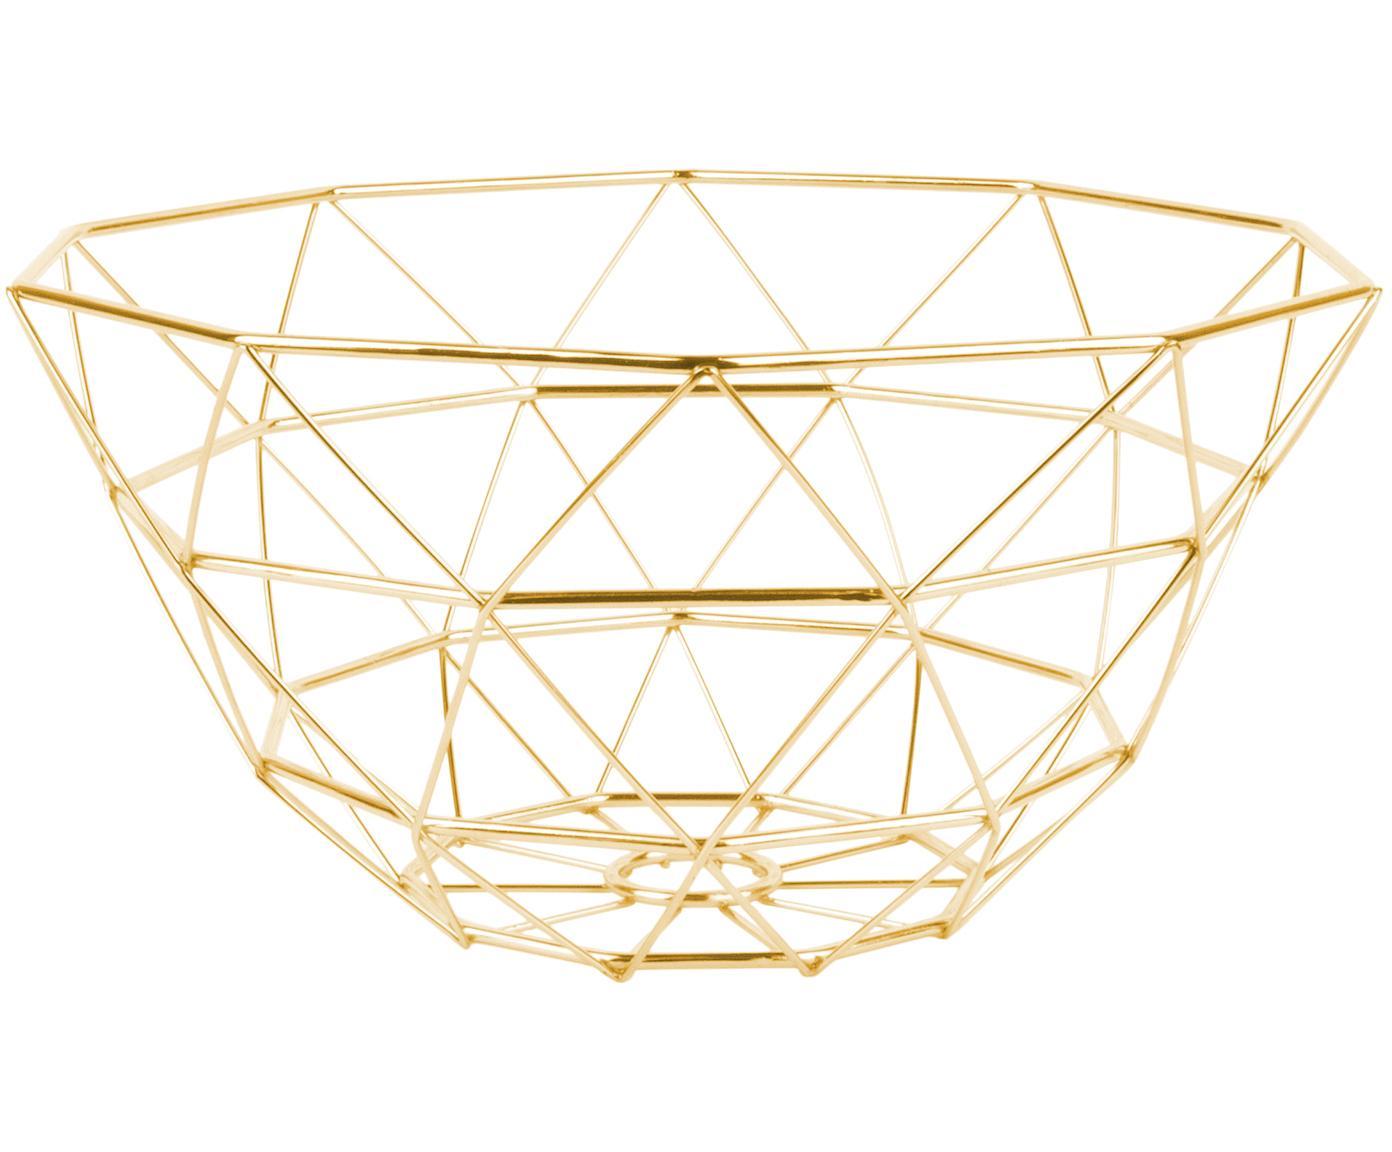 Aufbewahrungskorb Diamond Cut, Metall, Goldfarben, matt, Ø 30 x H 15 cm